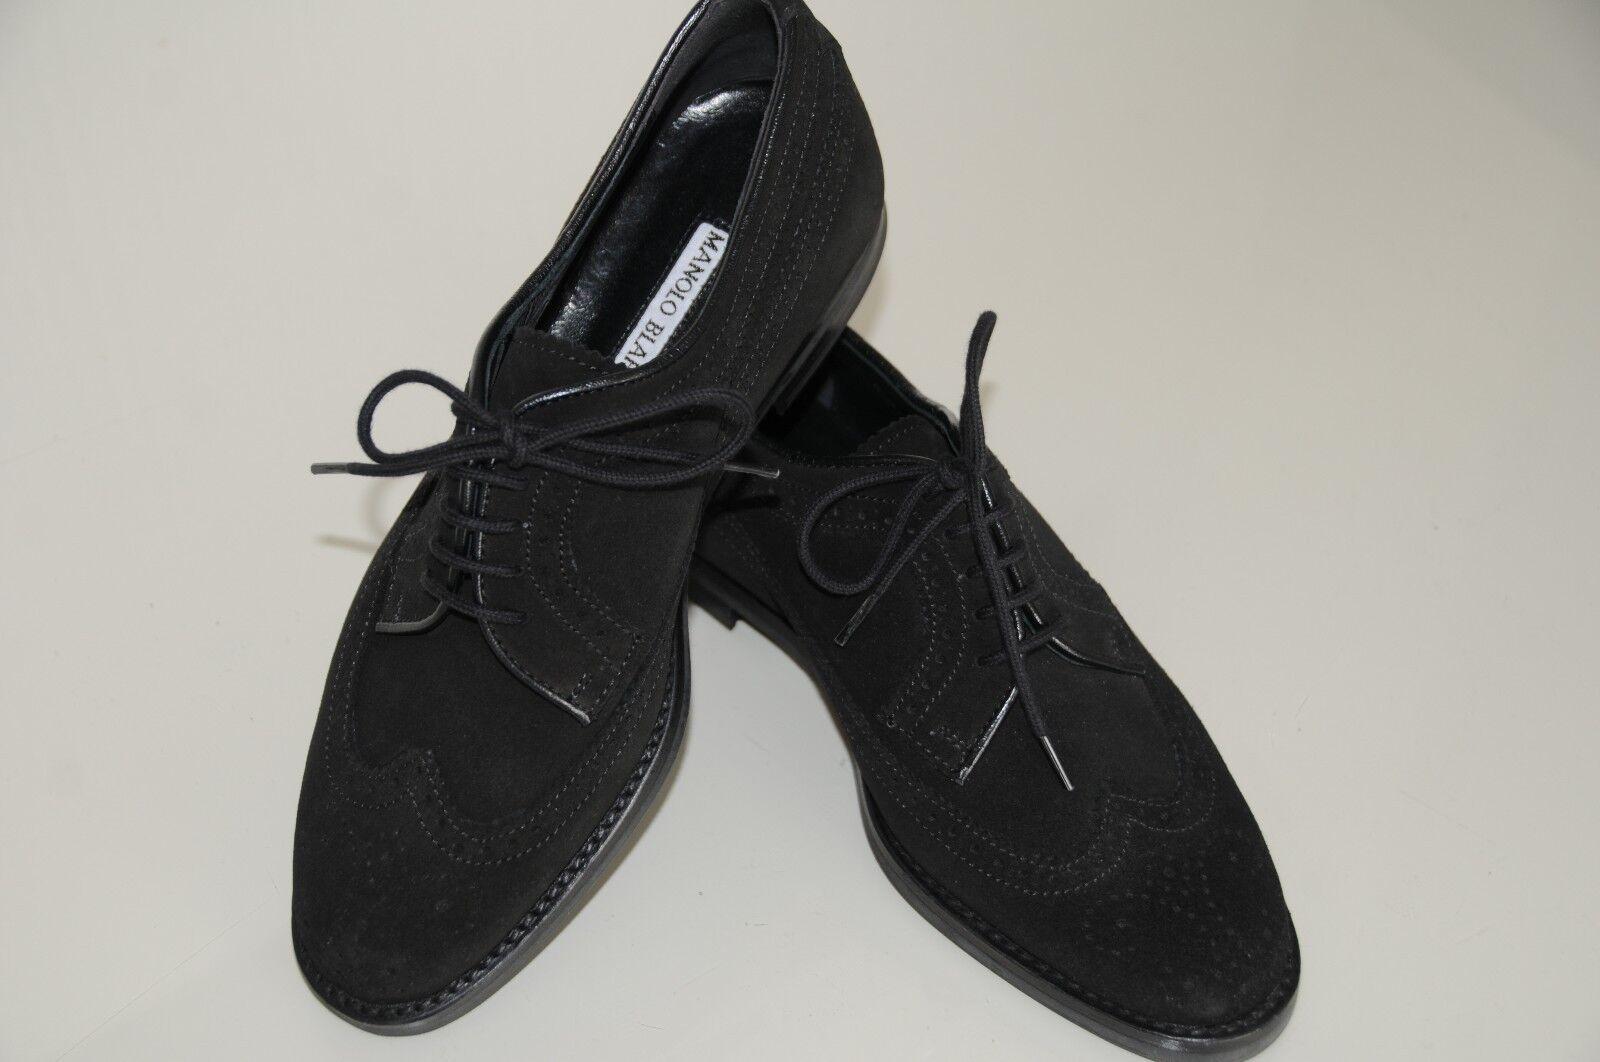 745 745 745 Nuevo Manolo Blahnik Pisos Lorenza espectador Con Encaje Negro Zapatos 34.5 35,5  saludable